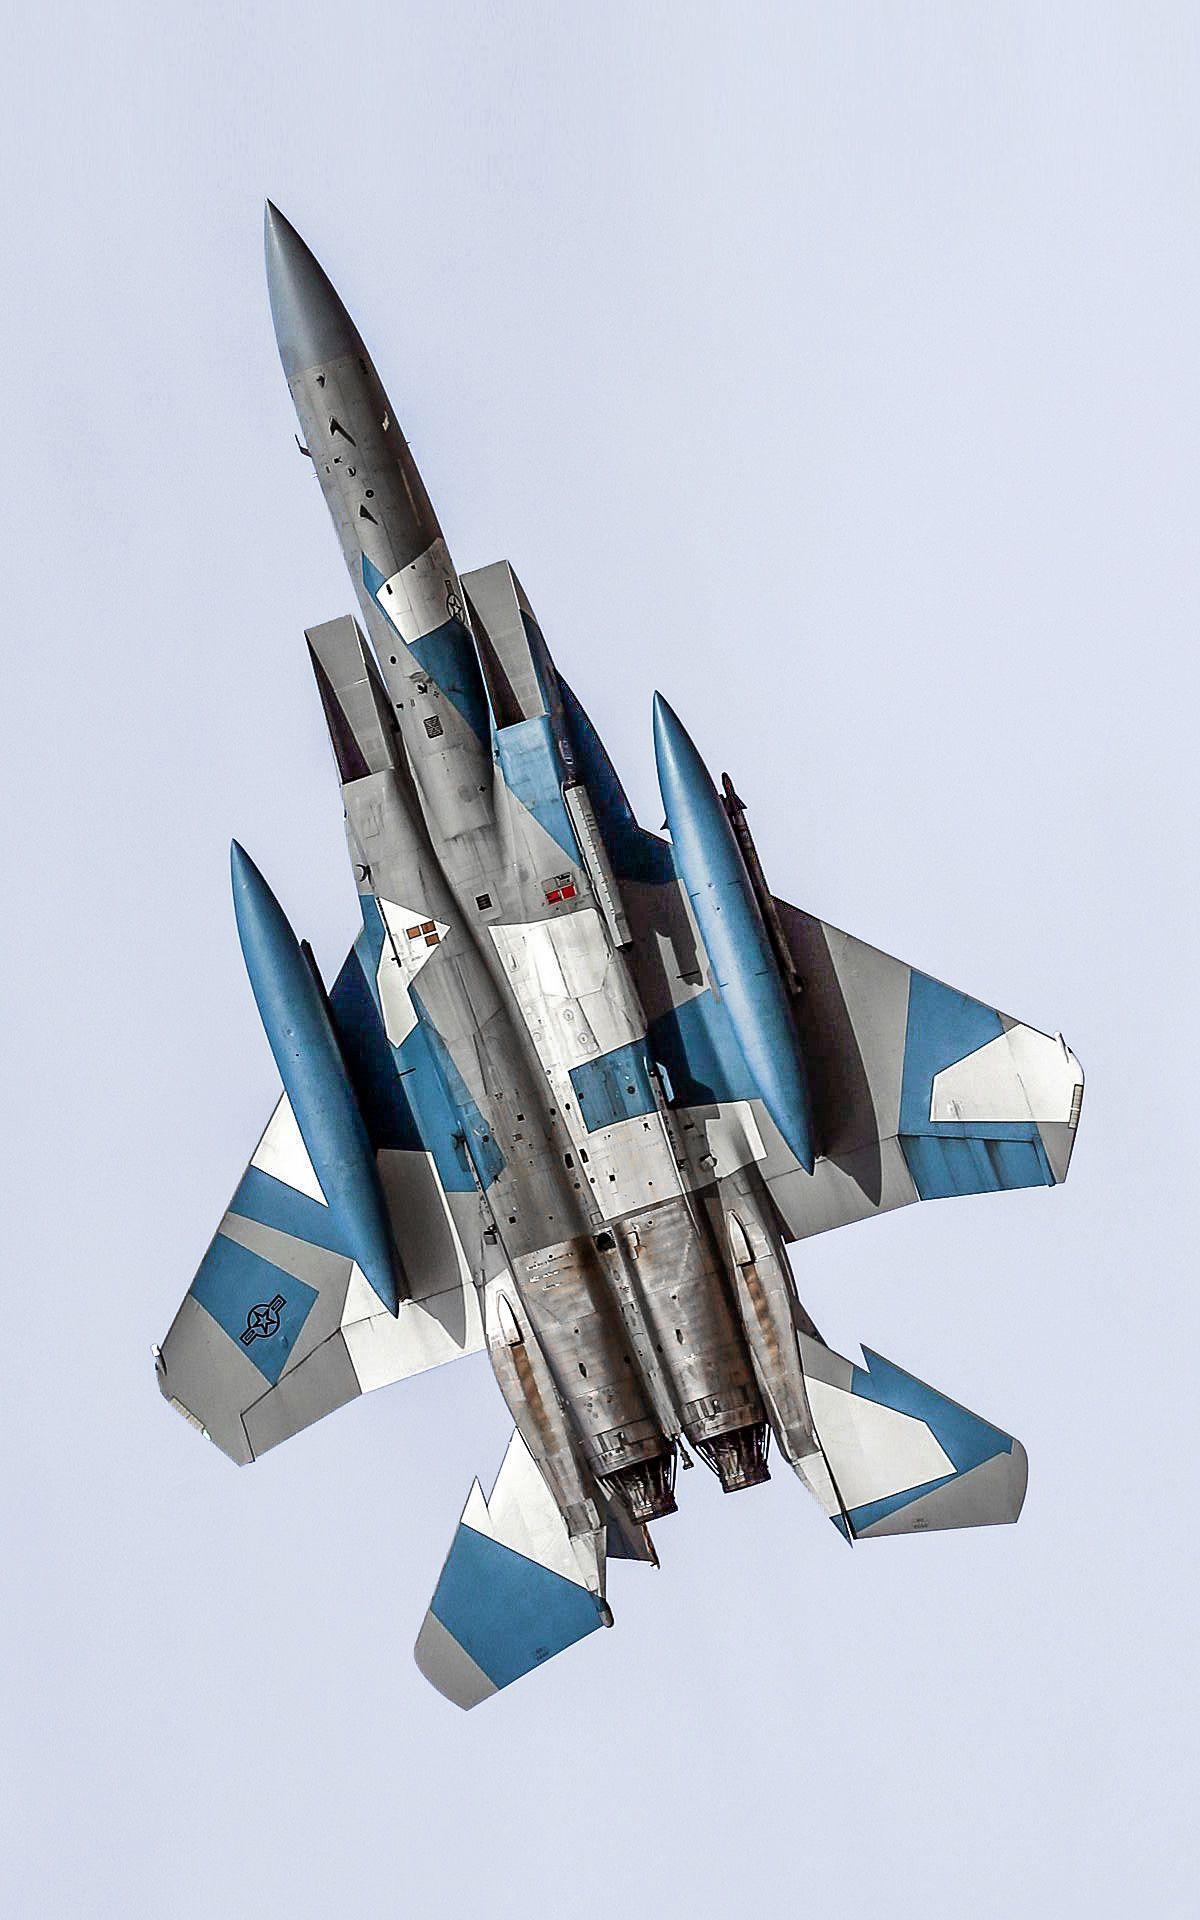 F-15 Aggressor www.Χαθηκε.gr ΔΩΡΕΑΝ ΑΓΓΕΛΙΕΣ ΑΠΩΛΕΙΩΝ r ΔΩΡΕΑΝ ΑΓΓΕΛΙΕΣ ΑΠΩΛΕΙΩΝ FREE OF CHARGE PUBLICATION FOR LOST or FOUND ADS www.LostFound.gr